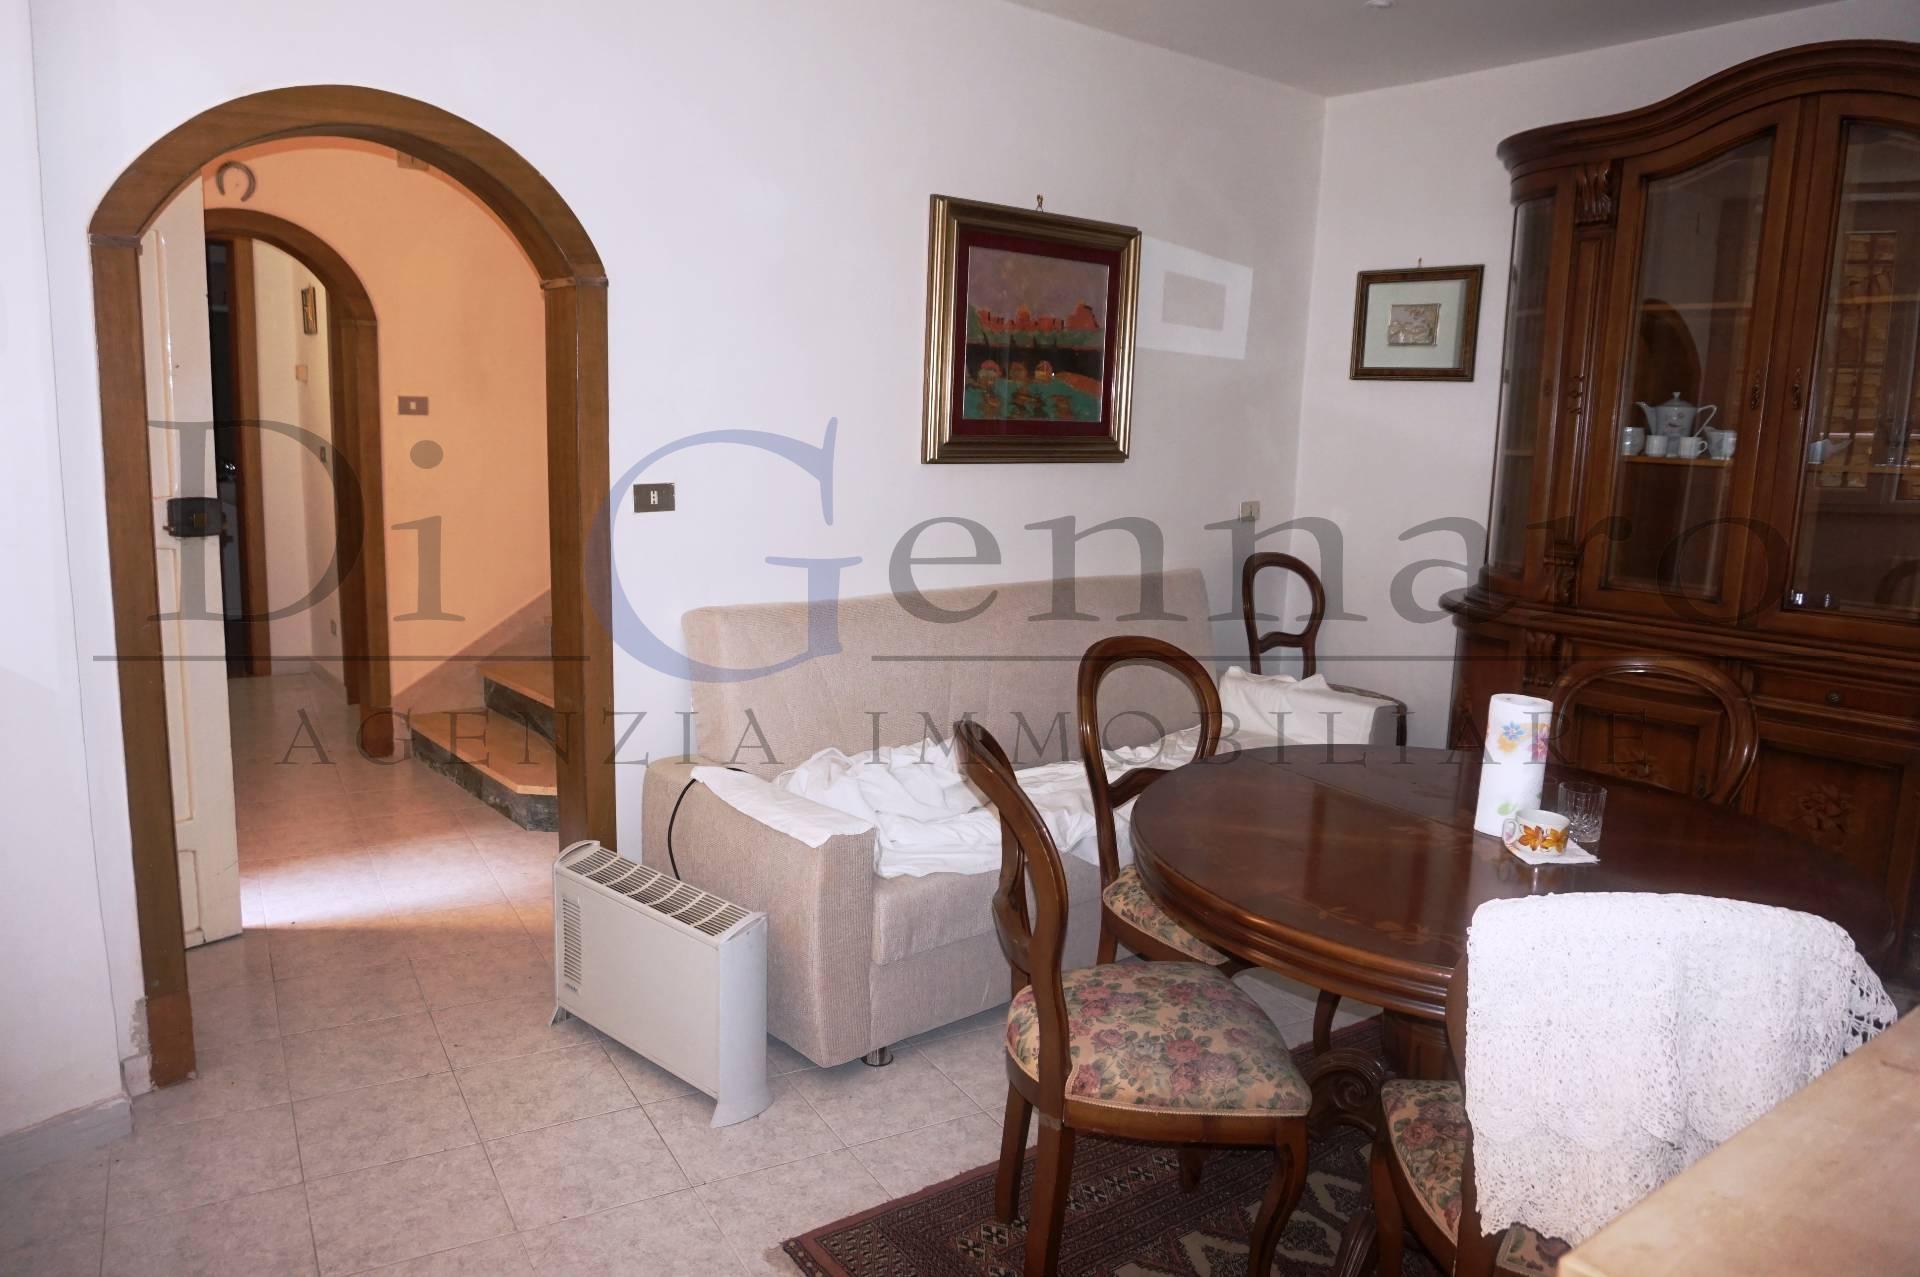 Soluzione Indipendente in affitto a Tortoreto, 5 locali, zona Località: TortoretoAlta, prezzo € 500   CambioCasa.it